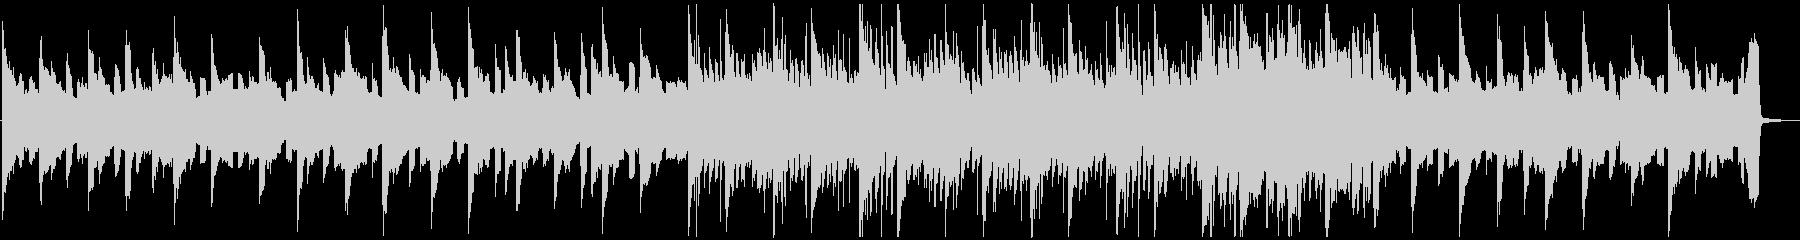 悲しいテクノ系ピアノバラードの未再生の波形